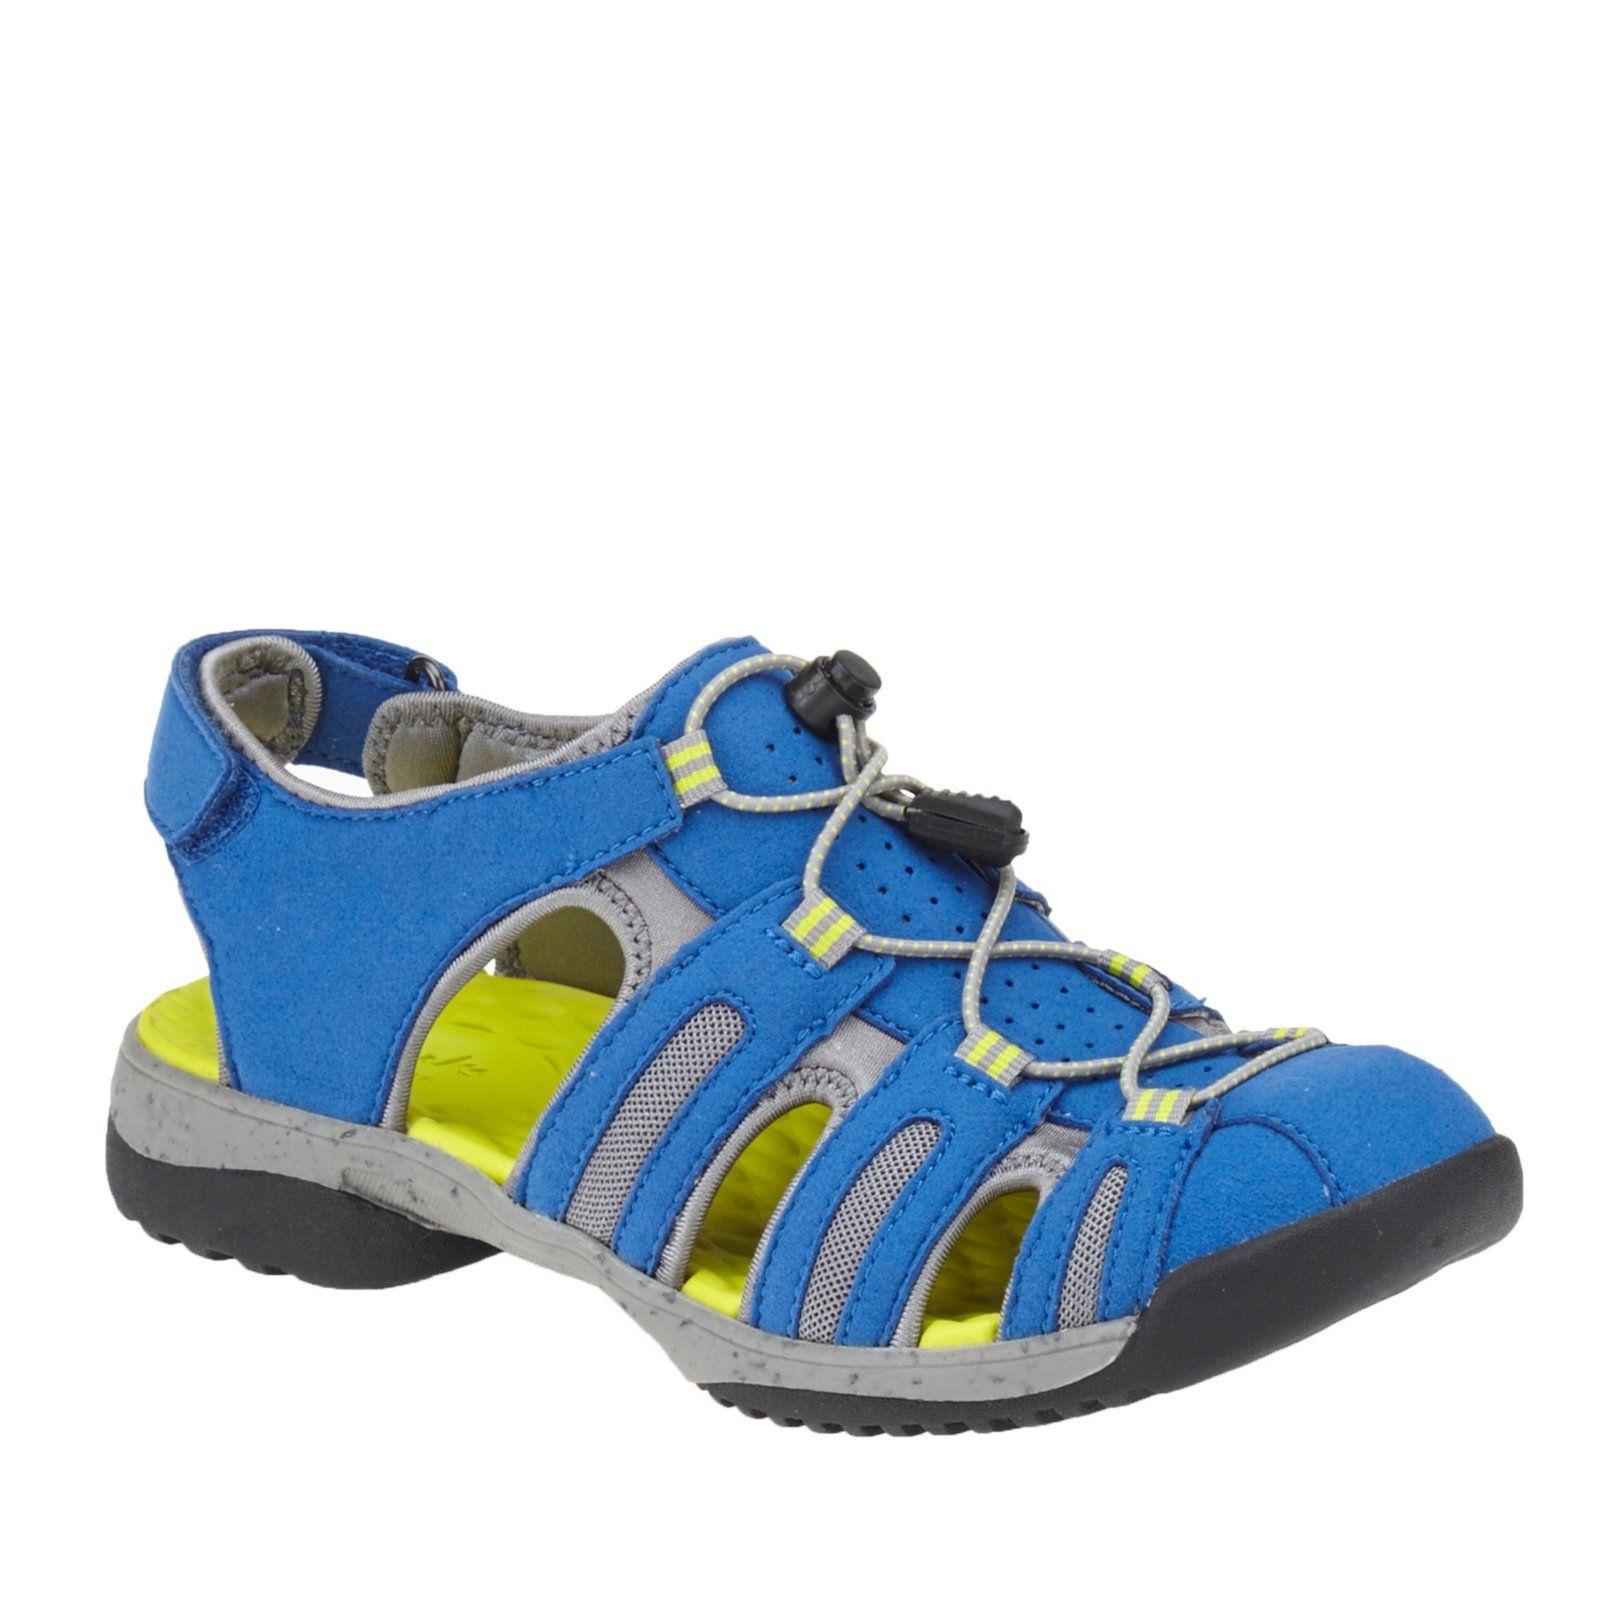 The best wide shoes for women Women sport sandals, Women